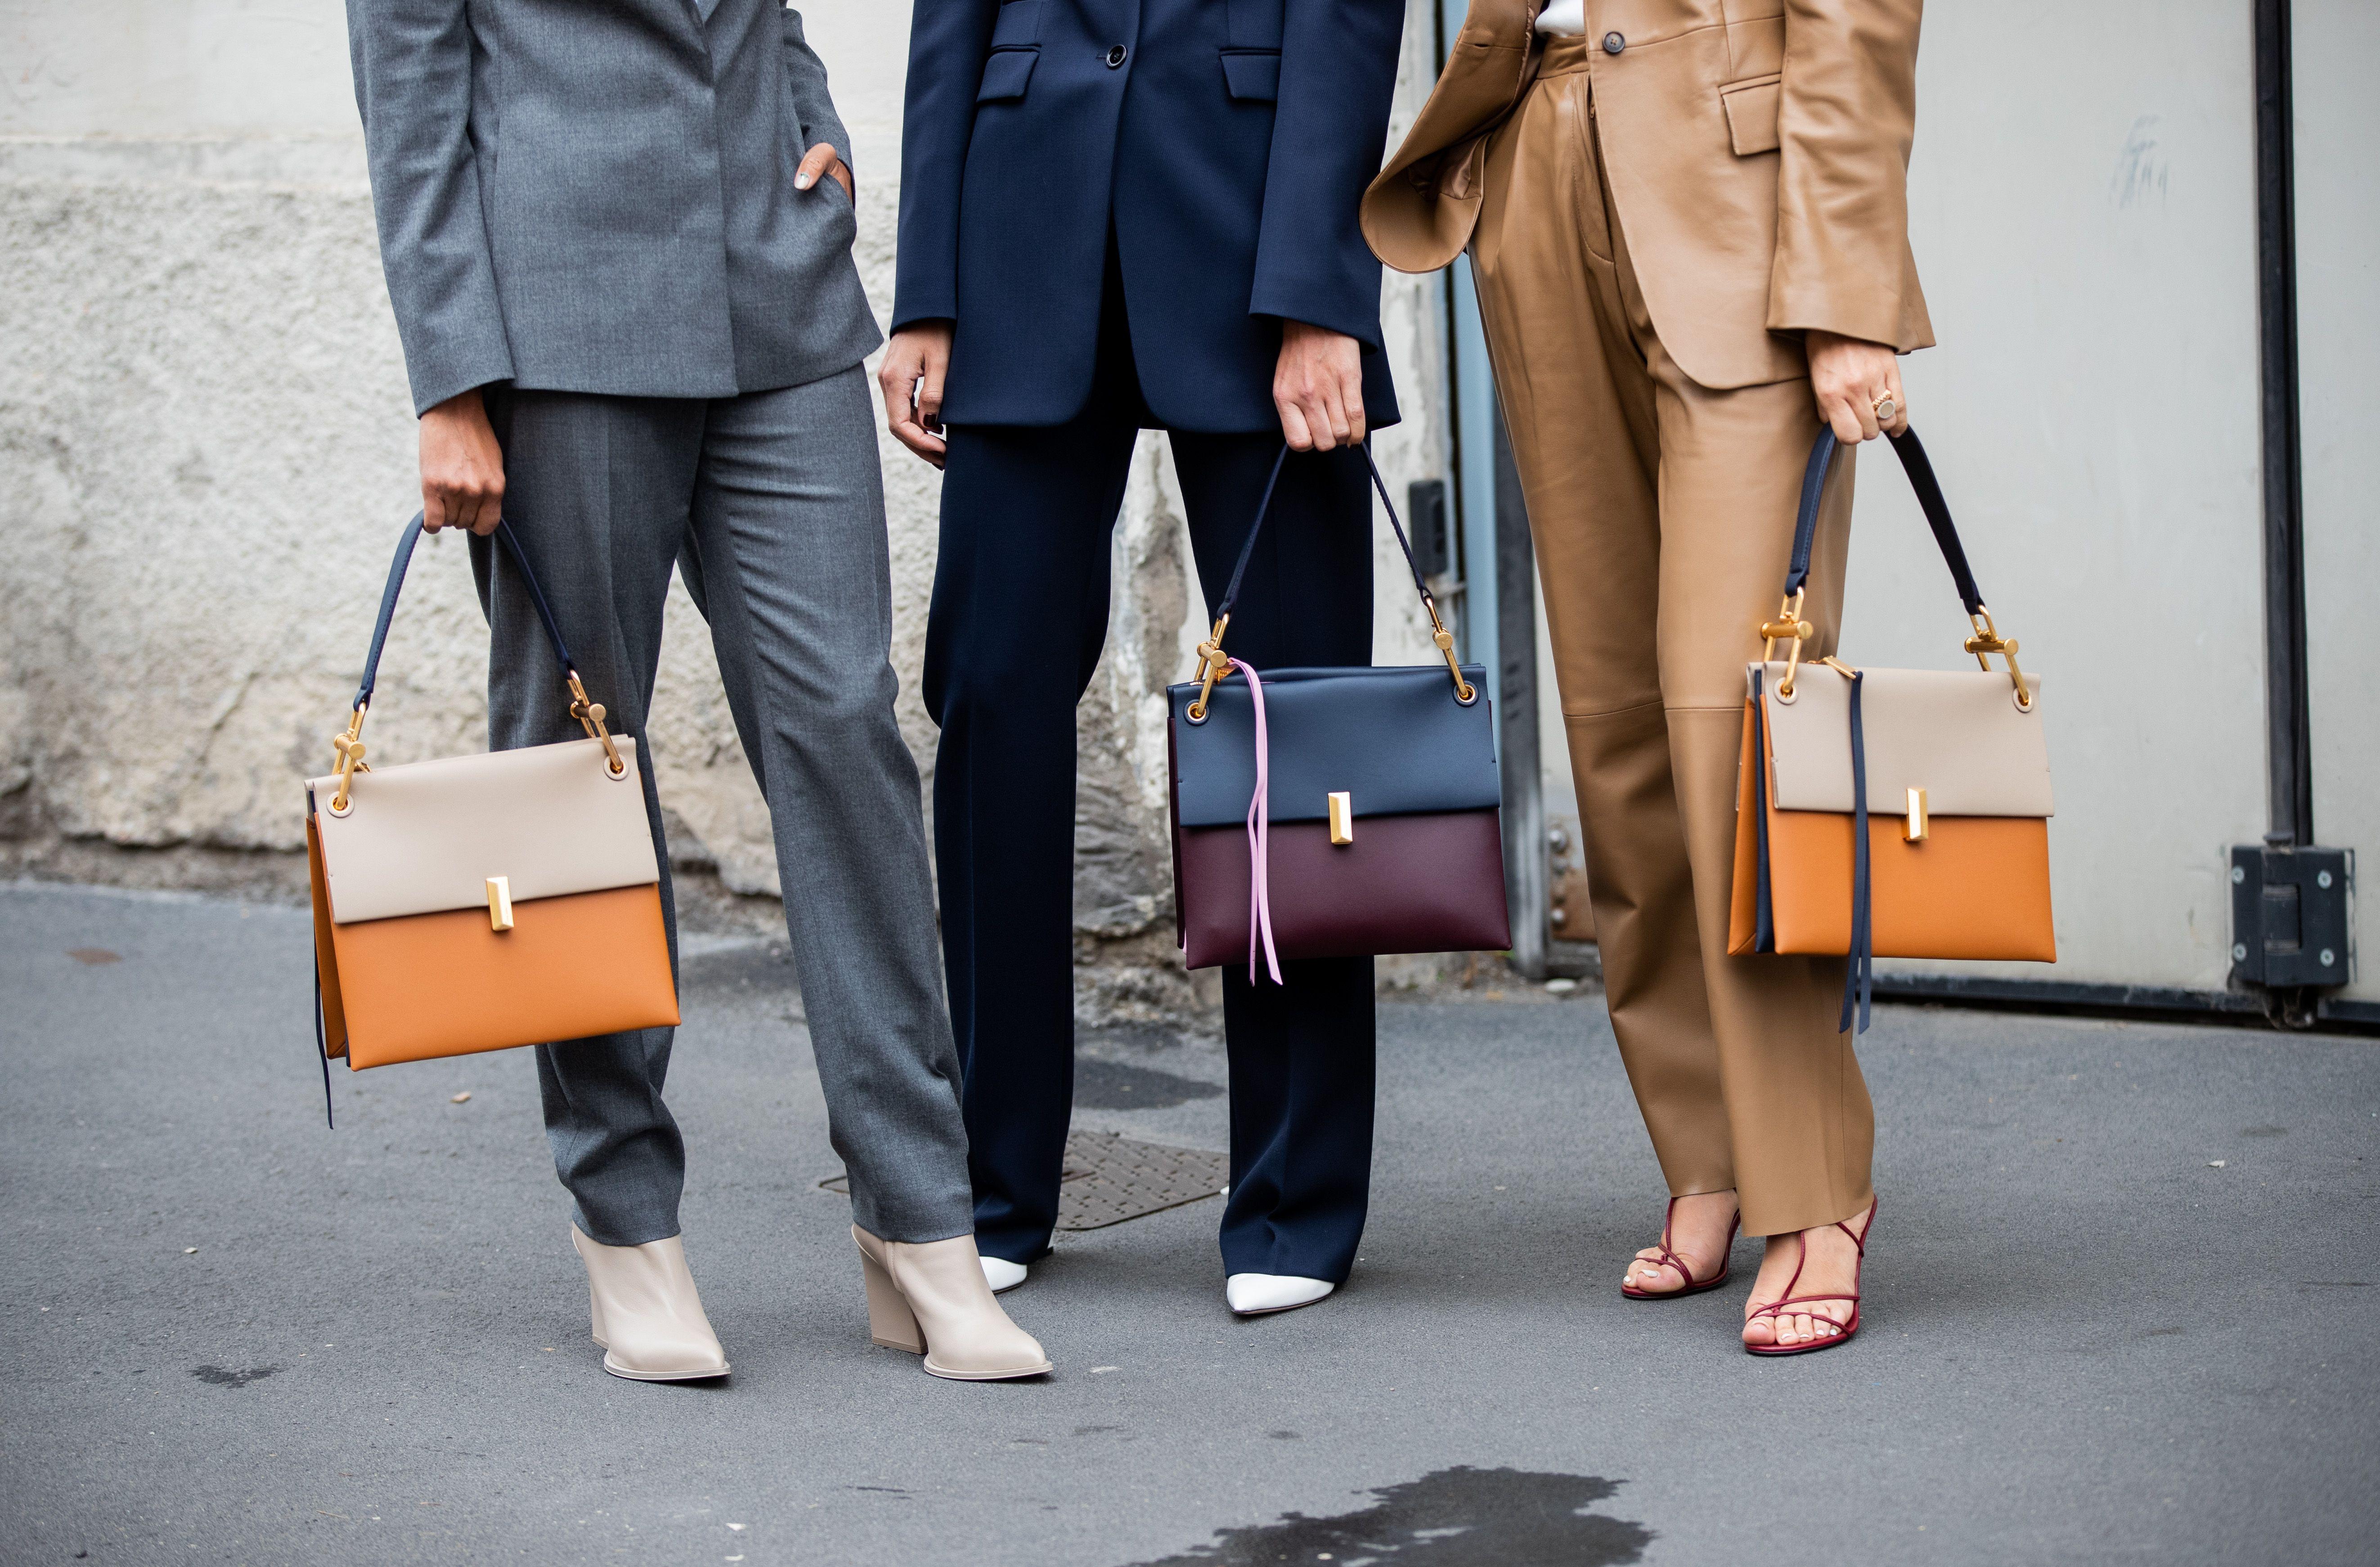 Queste borse donna sono il top trend moda Autunno Inverno